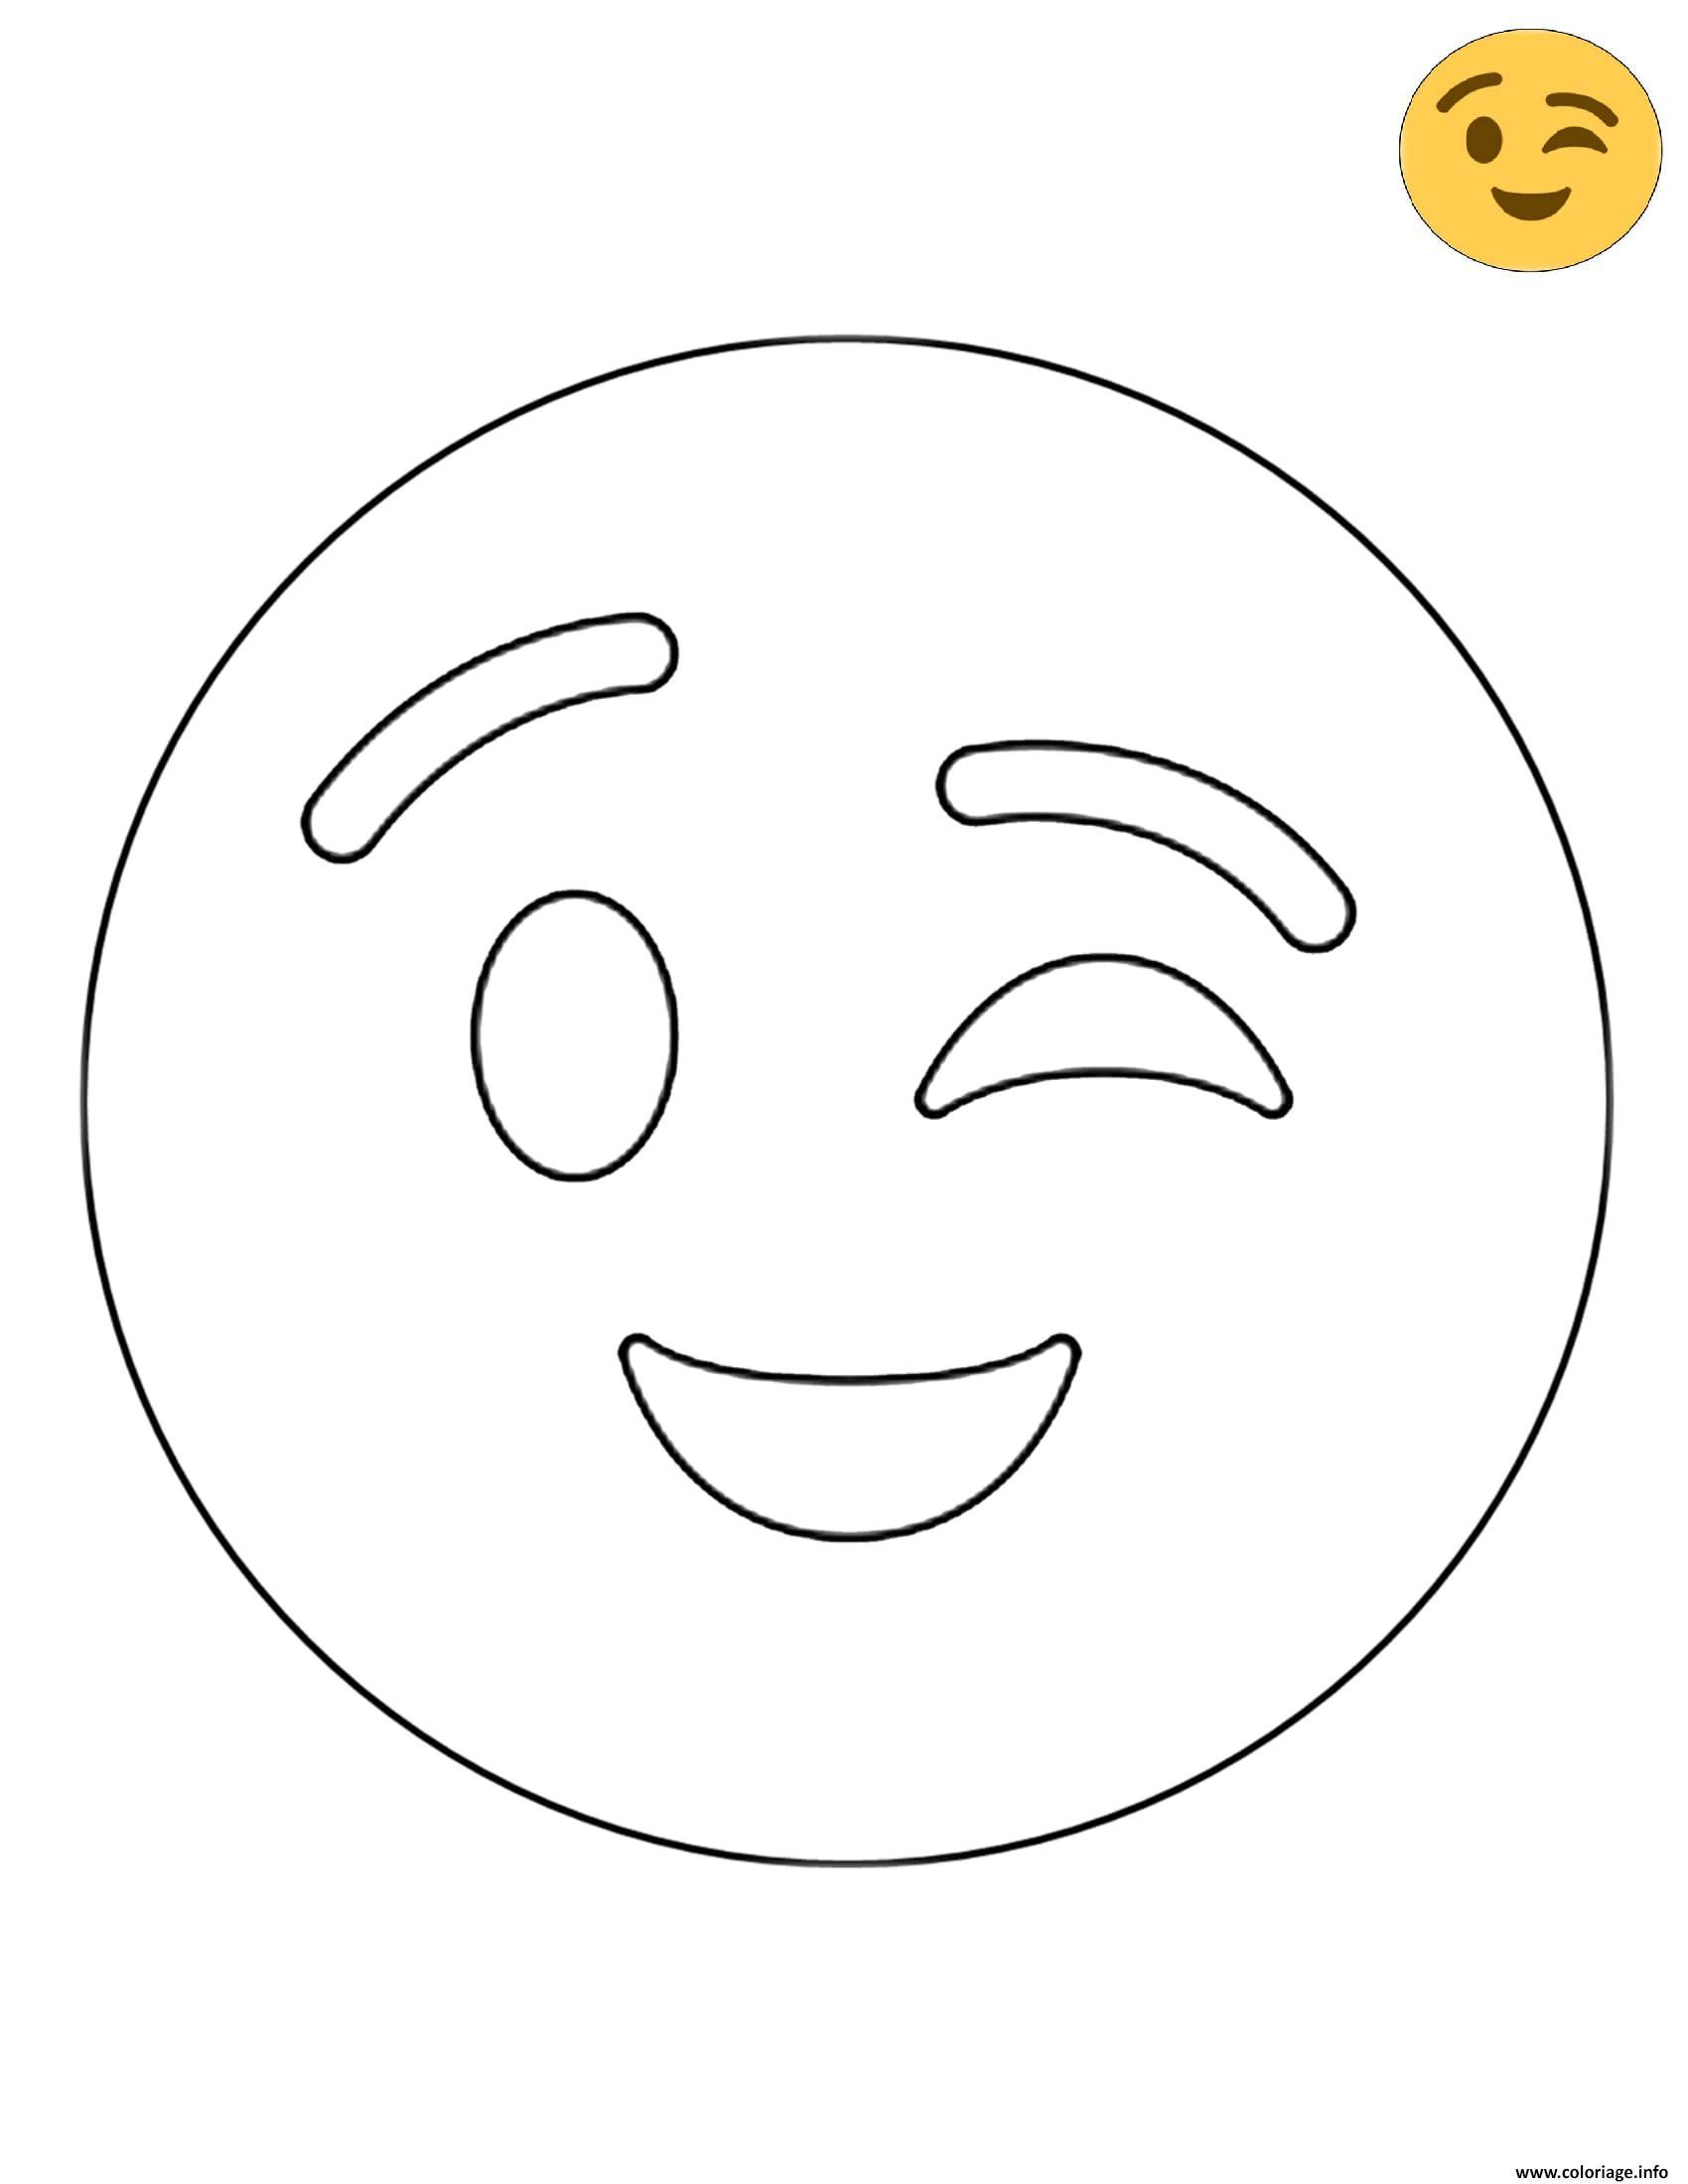 Coloriages De Smiley Iphone Facile A Dessiner Ohbq Info